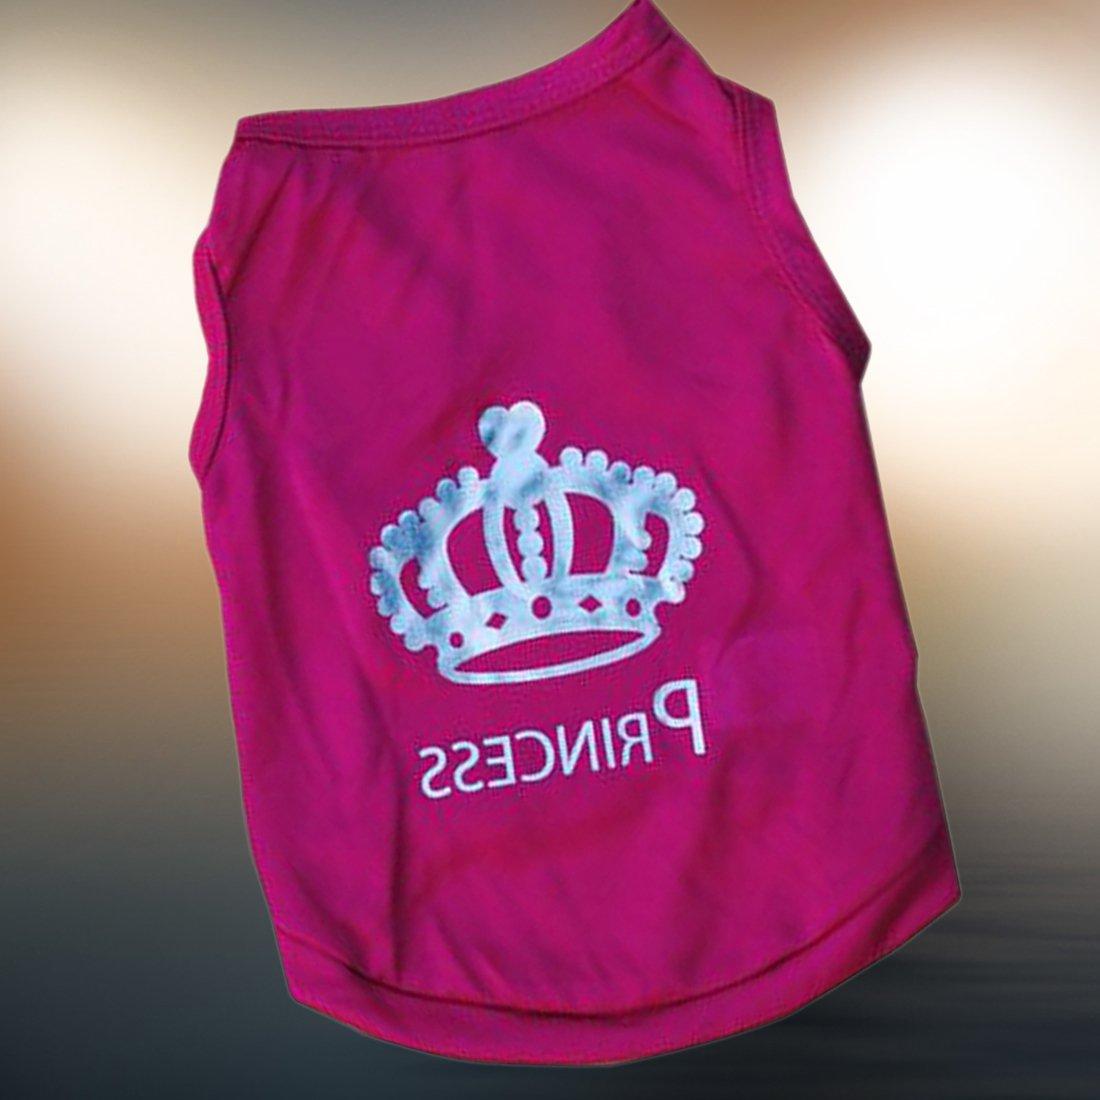 CY-buity verano ropa cachorro perro corona princesa camiseta de perro mascota ropa chaleco verano abrigo Disfraces Traje